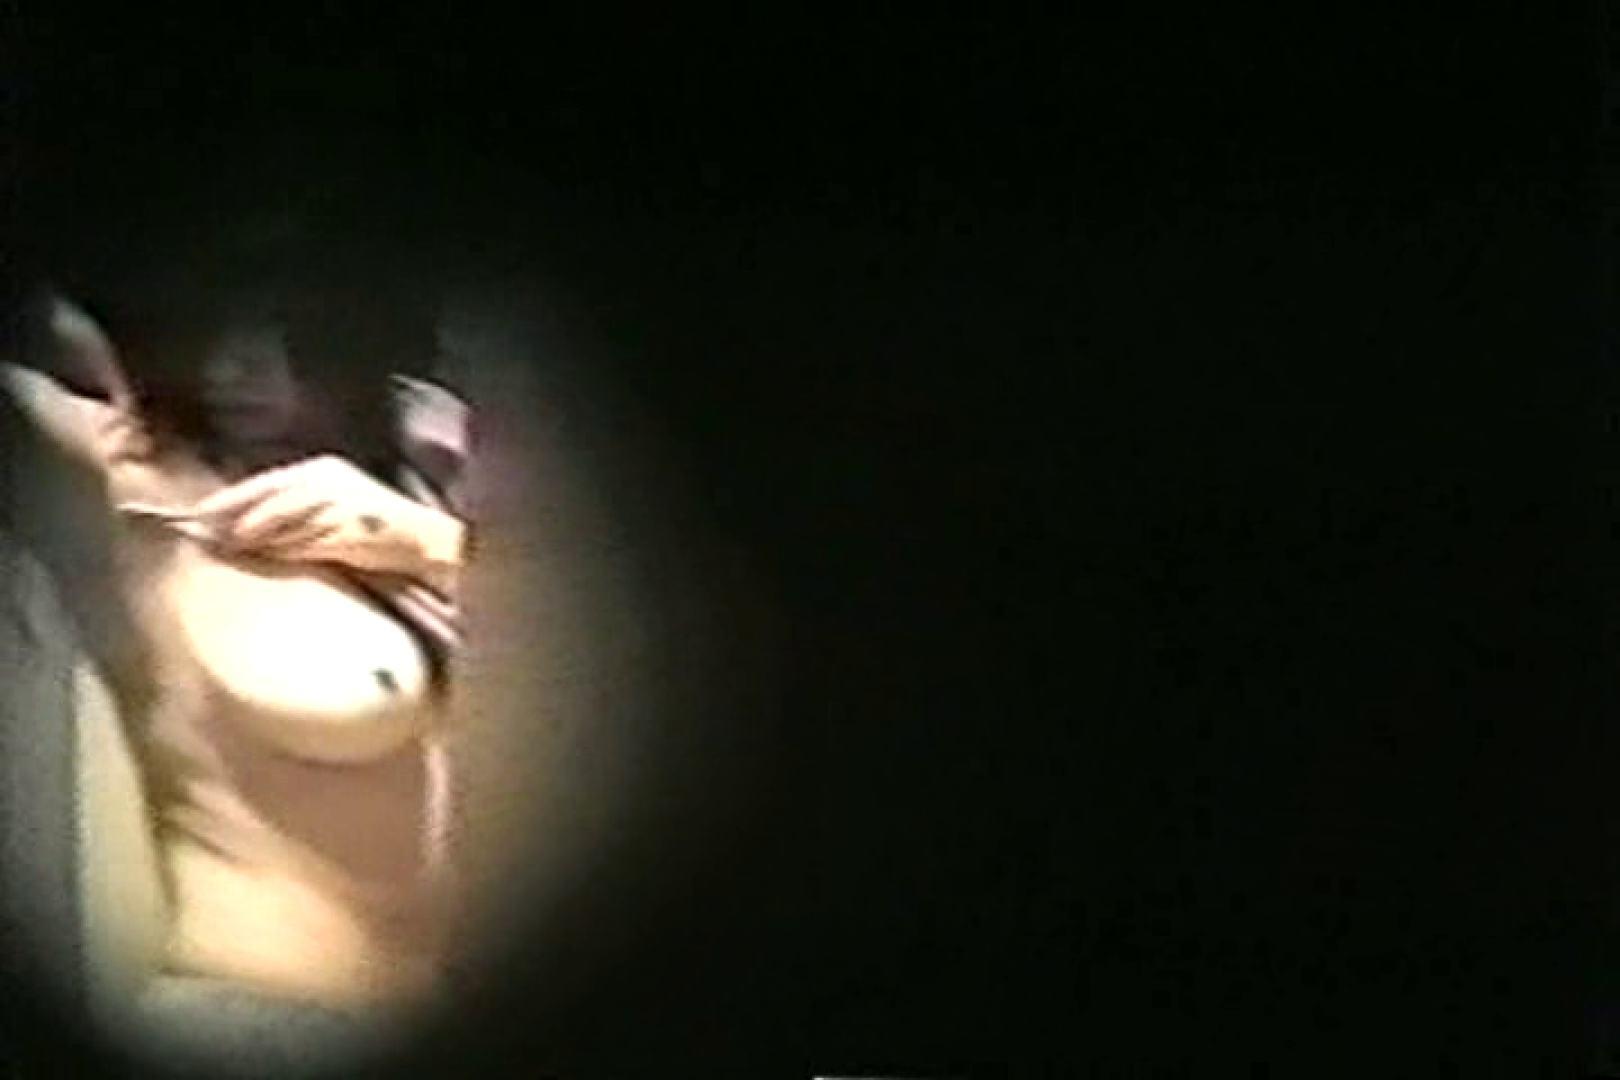 深夜の撮影会Vol.7 プライベート のぞき動画キャプチャ 71画像 34